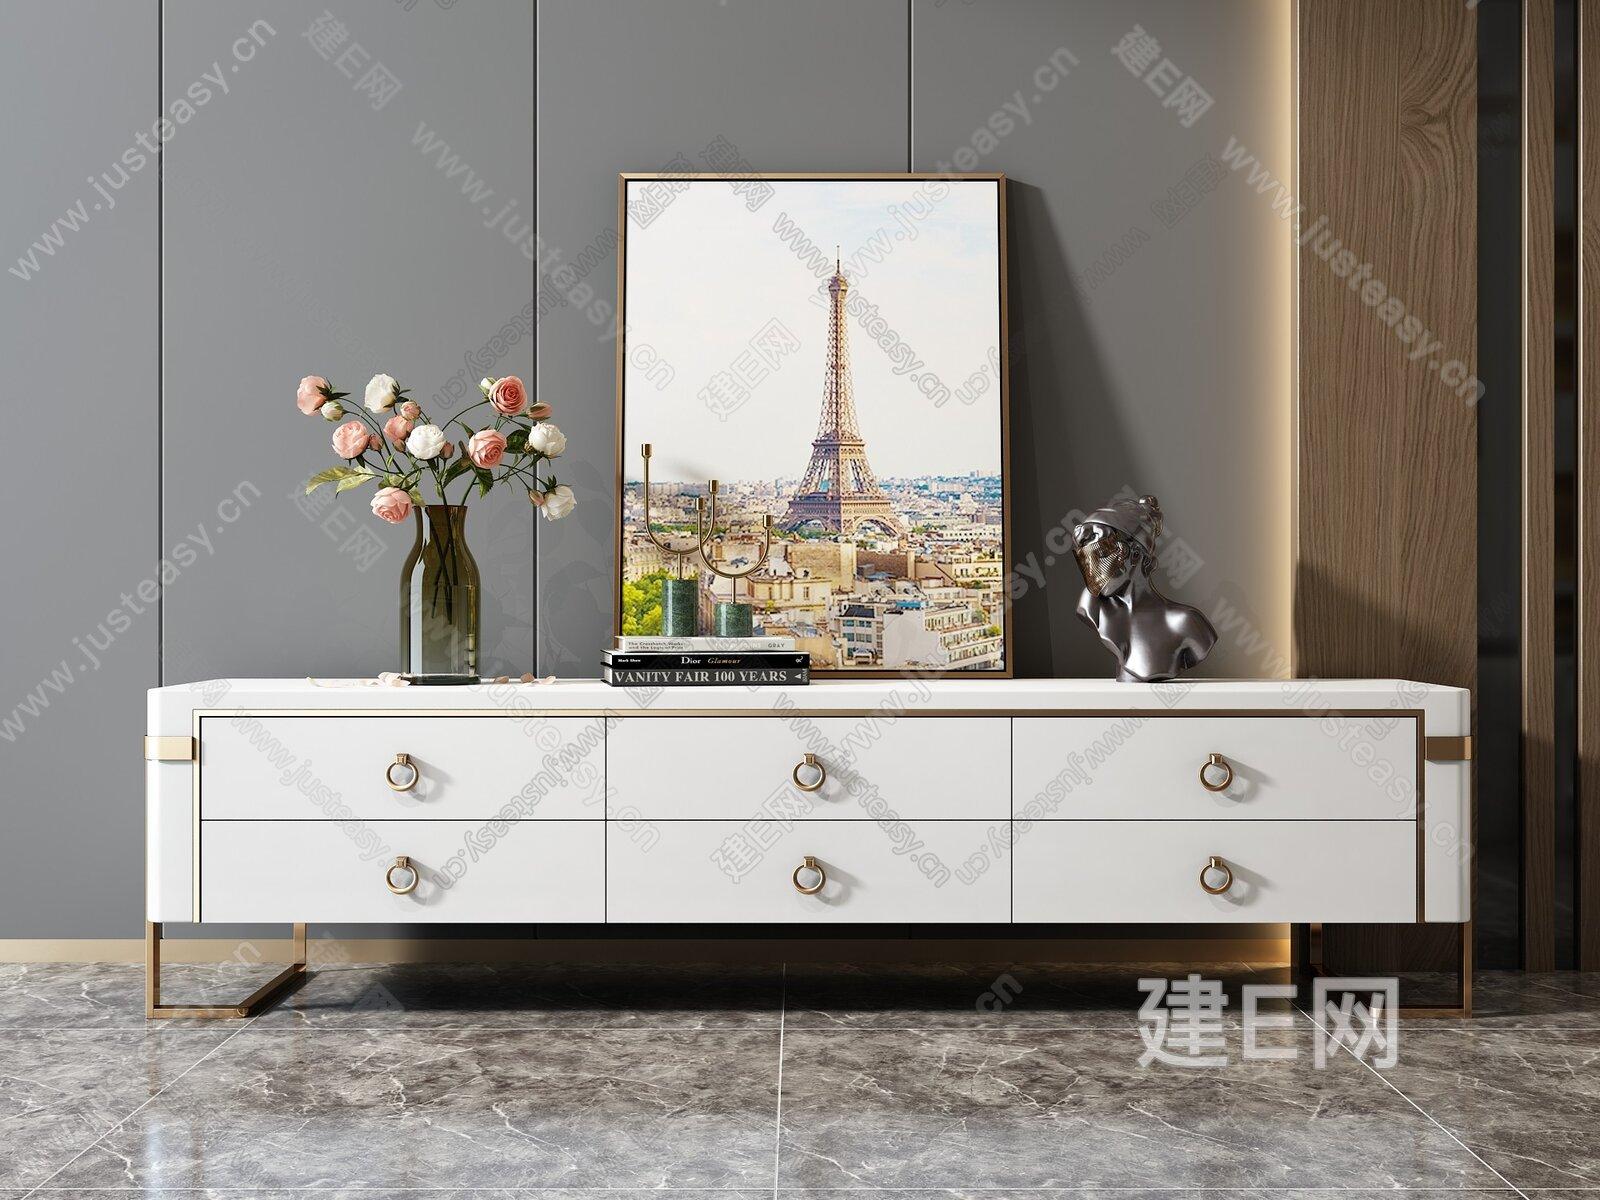 现代轻奢烤漆电视柜3d模型